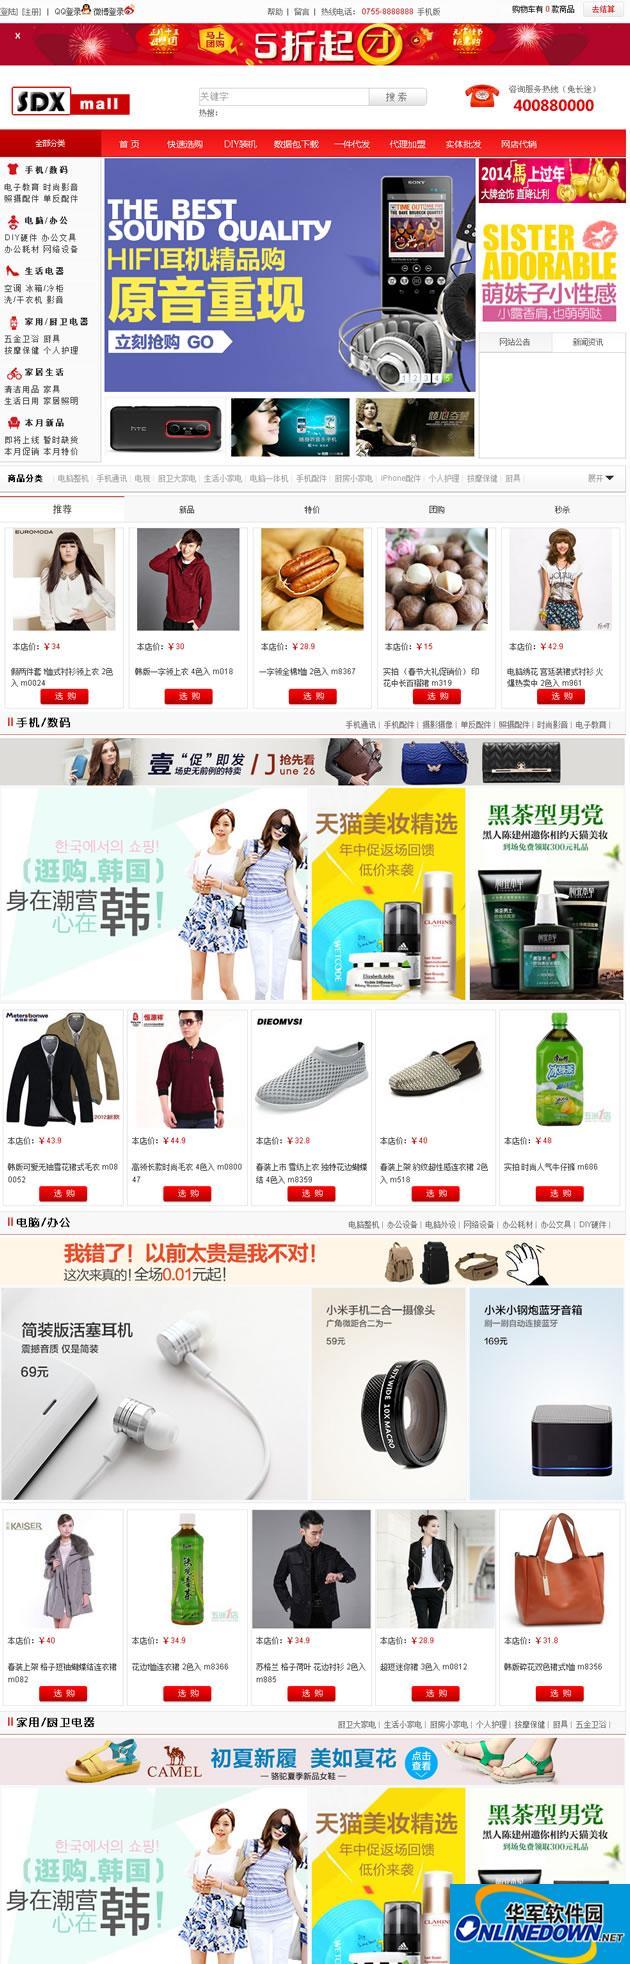 商达讯网店系统免费综合高级版 10.01